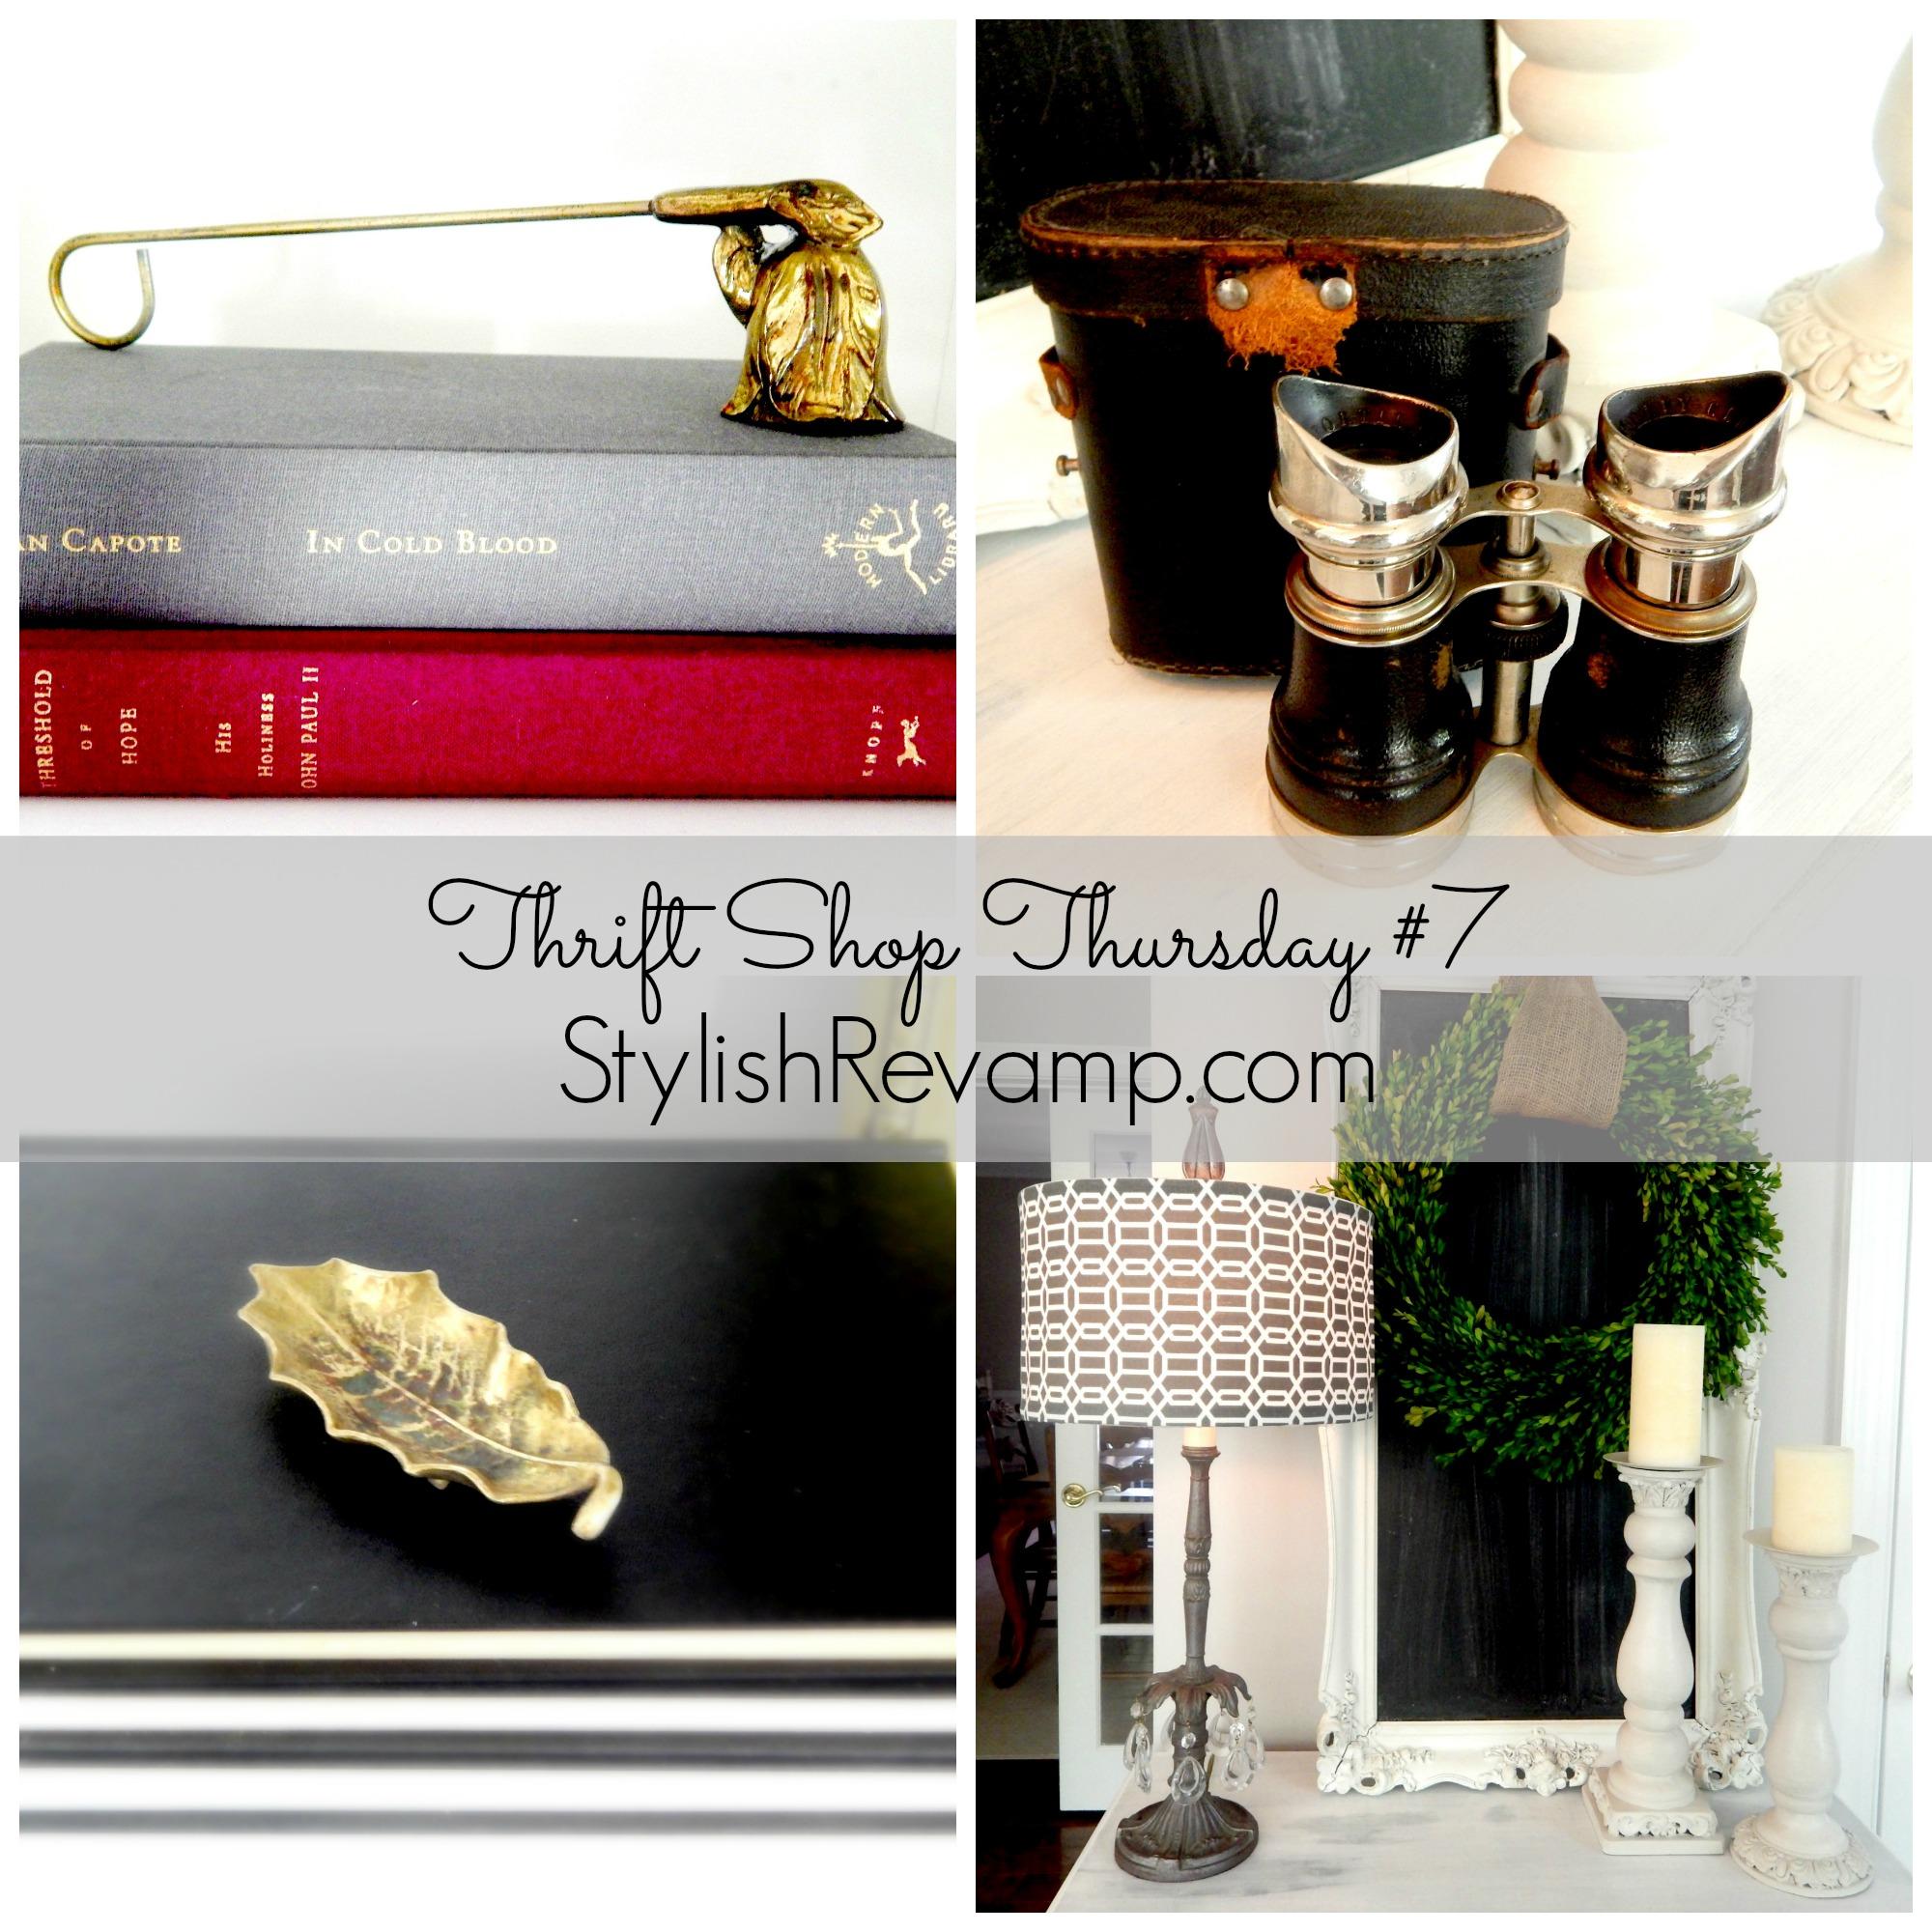 Thrift Shop Thursday #7